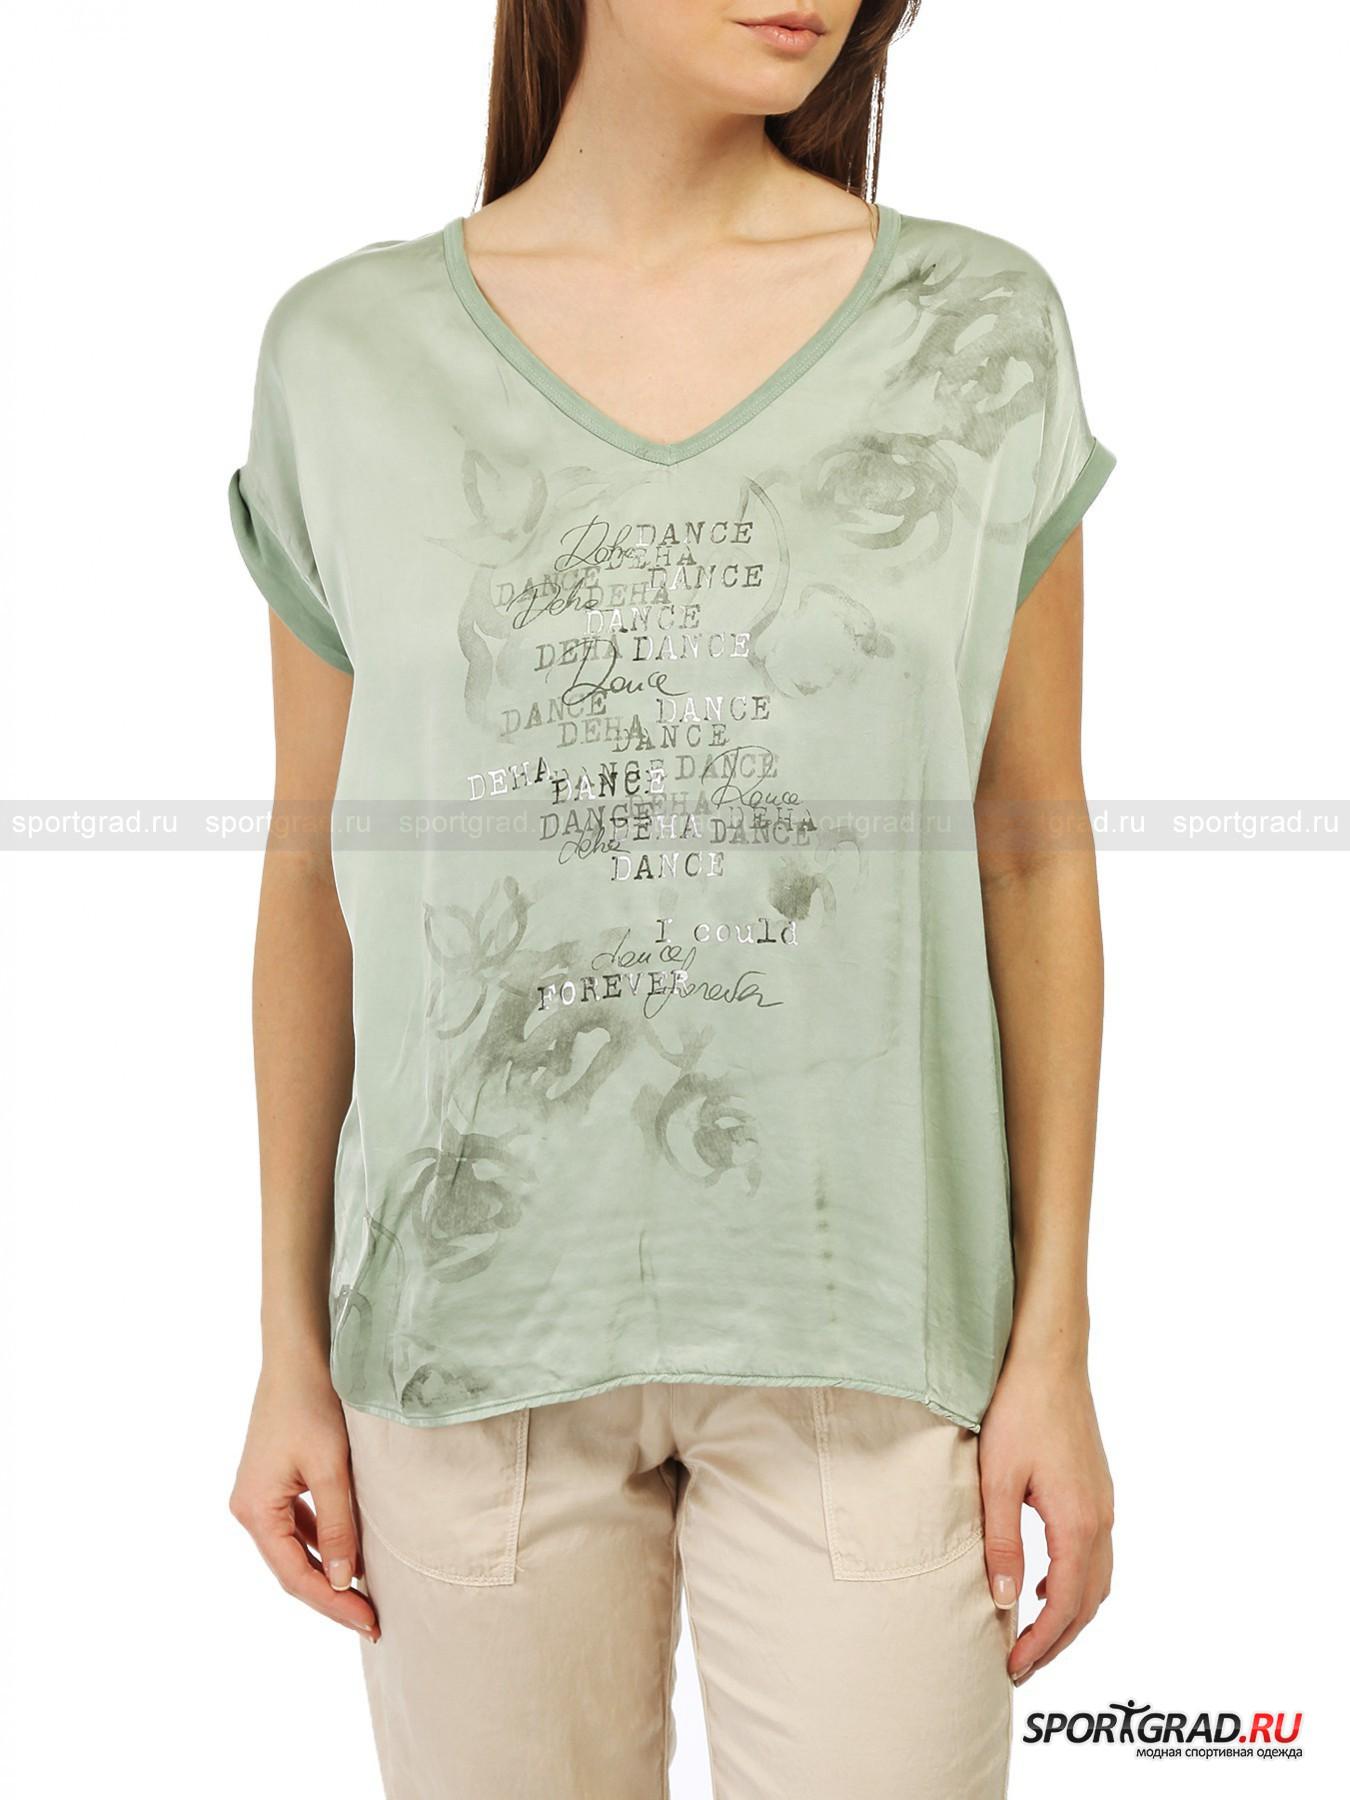 Футболка женская V-nek T-shirt DEHAФутболки<br>«Танцевальная» тема является ведущей почти в каждой коллекции итальянского бренда Deha, и это неудивительно, ведь создательницей компании была бывшая балерина. Дизайнеры марки любят свободные, воздушные фасоны и сочетание разных фактур. Все это воплотилось в футболке V-neck, которую вы видите на этой странице.<br><br>Здесь объединены два материала: хлопковая спинка и передняя часть из вискозы, гладкая на ощупь и обладающая легким атласным отблеском. Вещь садится свободно, глубокий V-образный вырез позволяет акцентировать внимание на груди<br><br>Пол: Женский<br>Возраст: Взрослый<br>Тип: Футболки<br>Рекомендации по уходу: стирка в теплой воде до 30 С; не отбеливать; гладить слегка нагретым утюгом (температура до 110 C); химическая чистка сухим способом; нельзя выжимать и сушить в стиральной машине<br>Состав: 100% хлопок; 100% вискоза